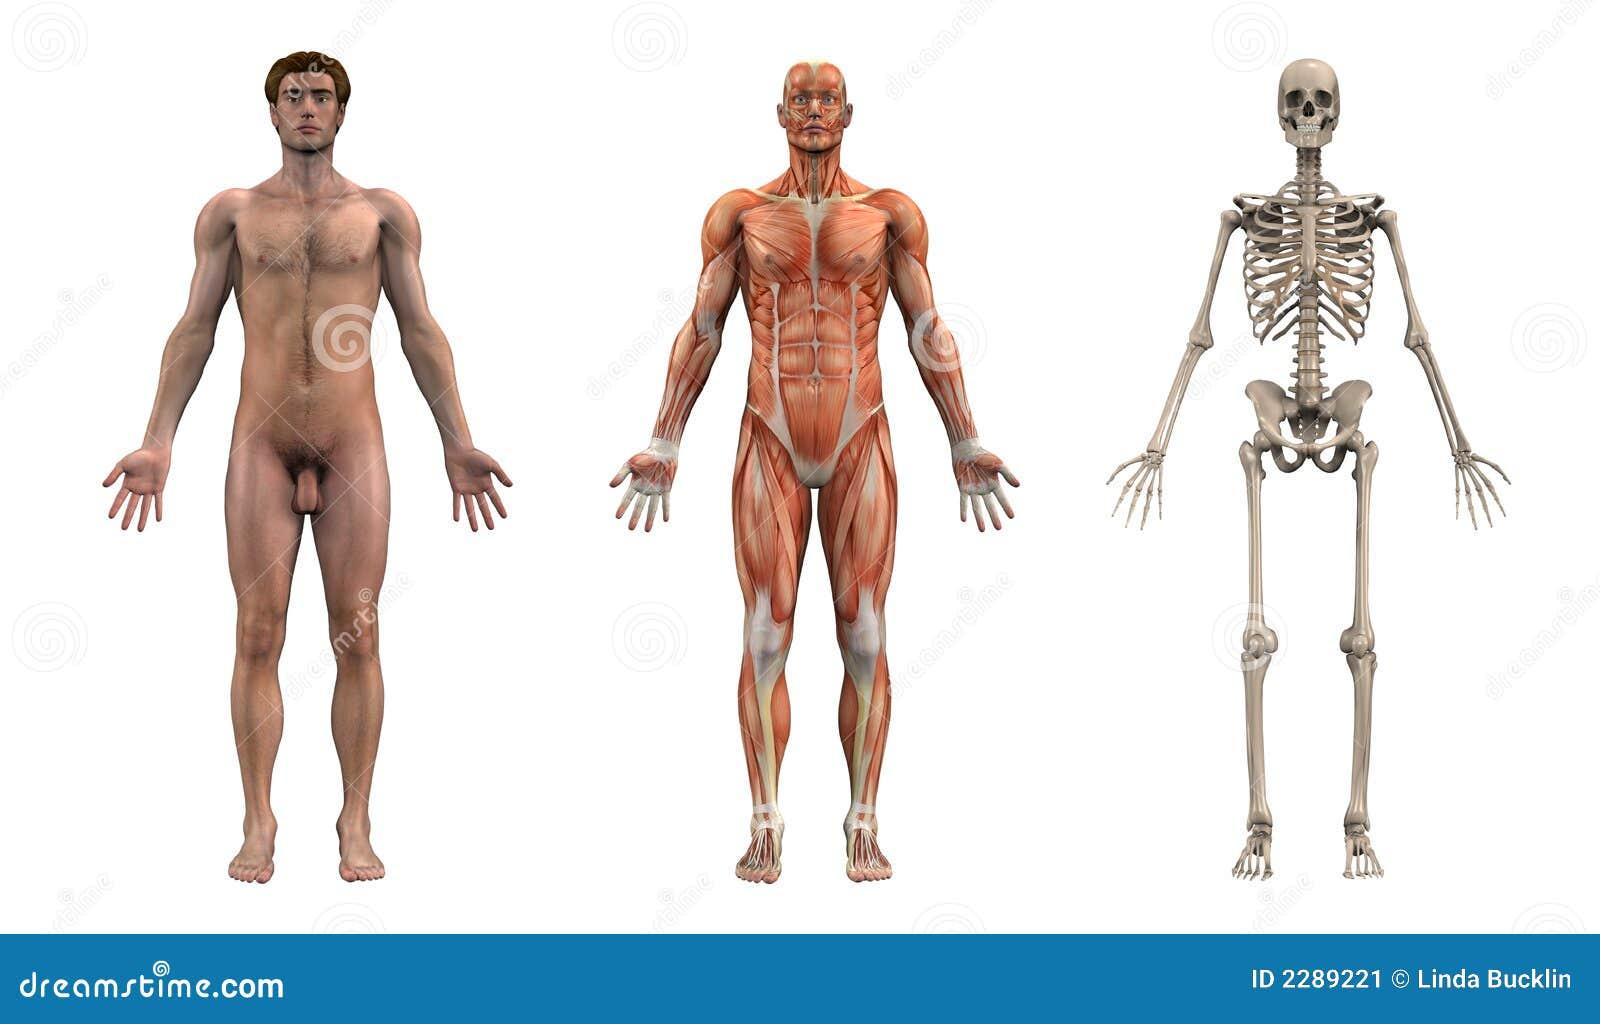 Anatomie-Frontseite - Erwachsener Mann Stock Abbildung ...